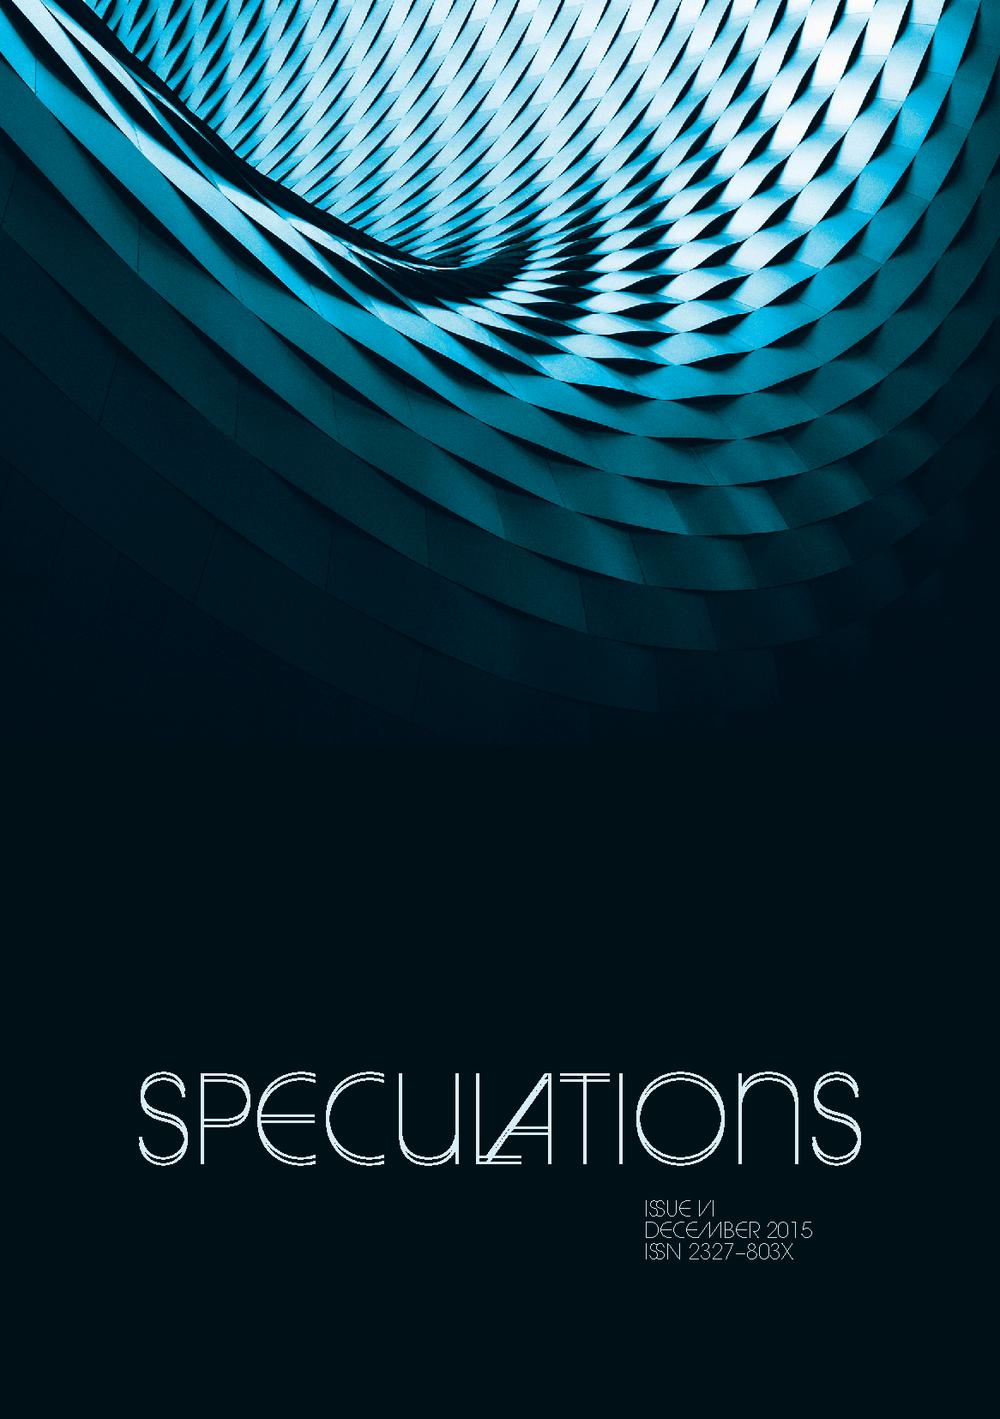 speculations-vi